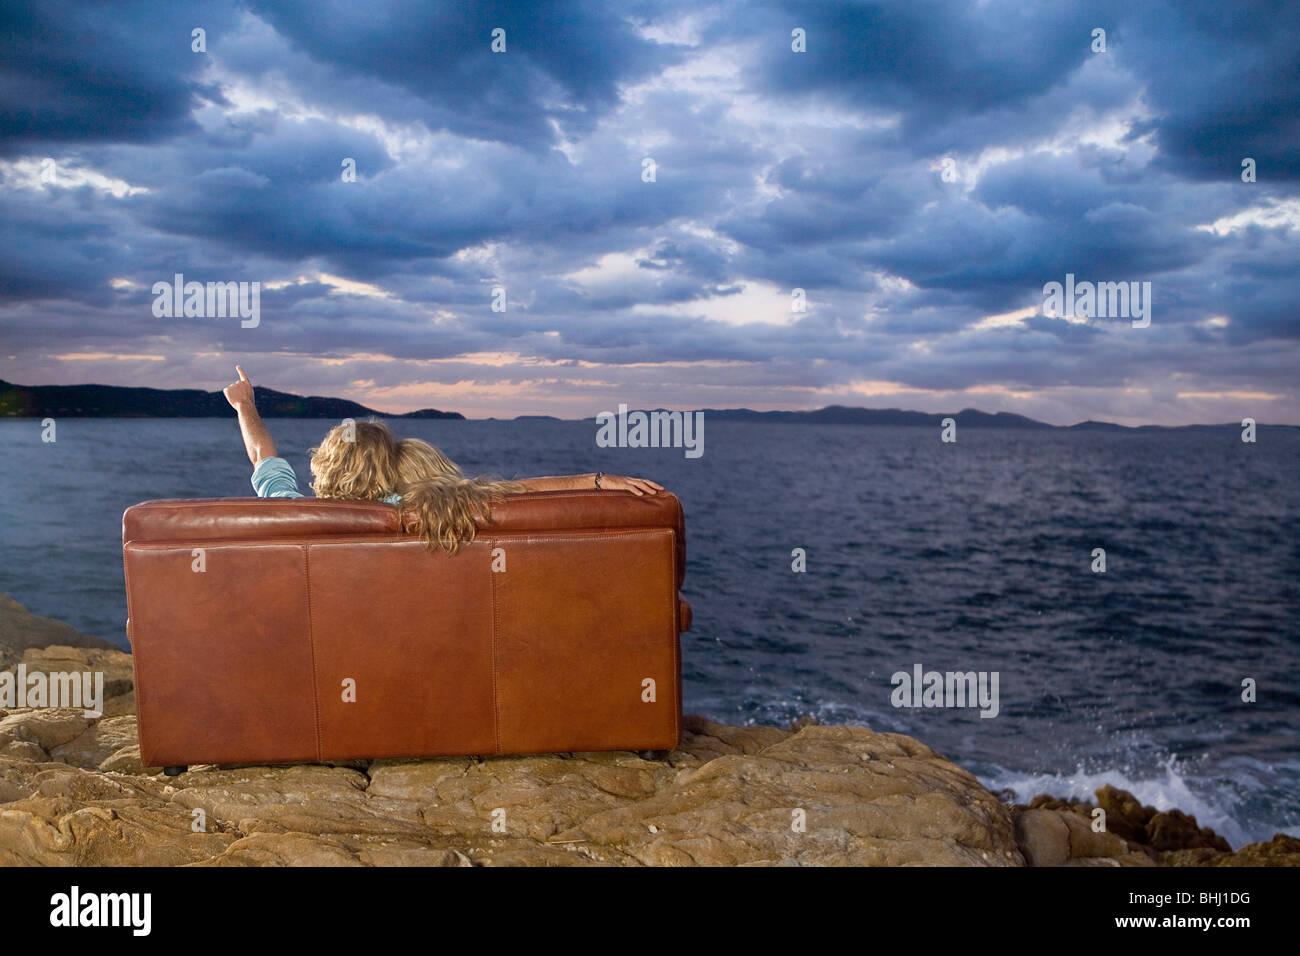 Matura sul lettino guardare al cielo del mare Immagini Stock